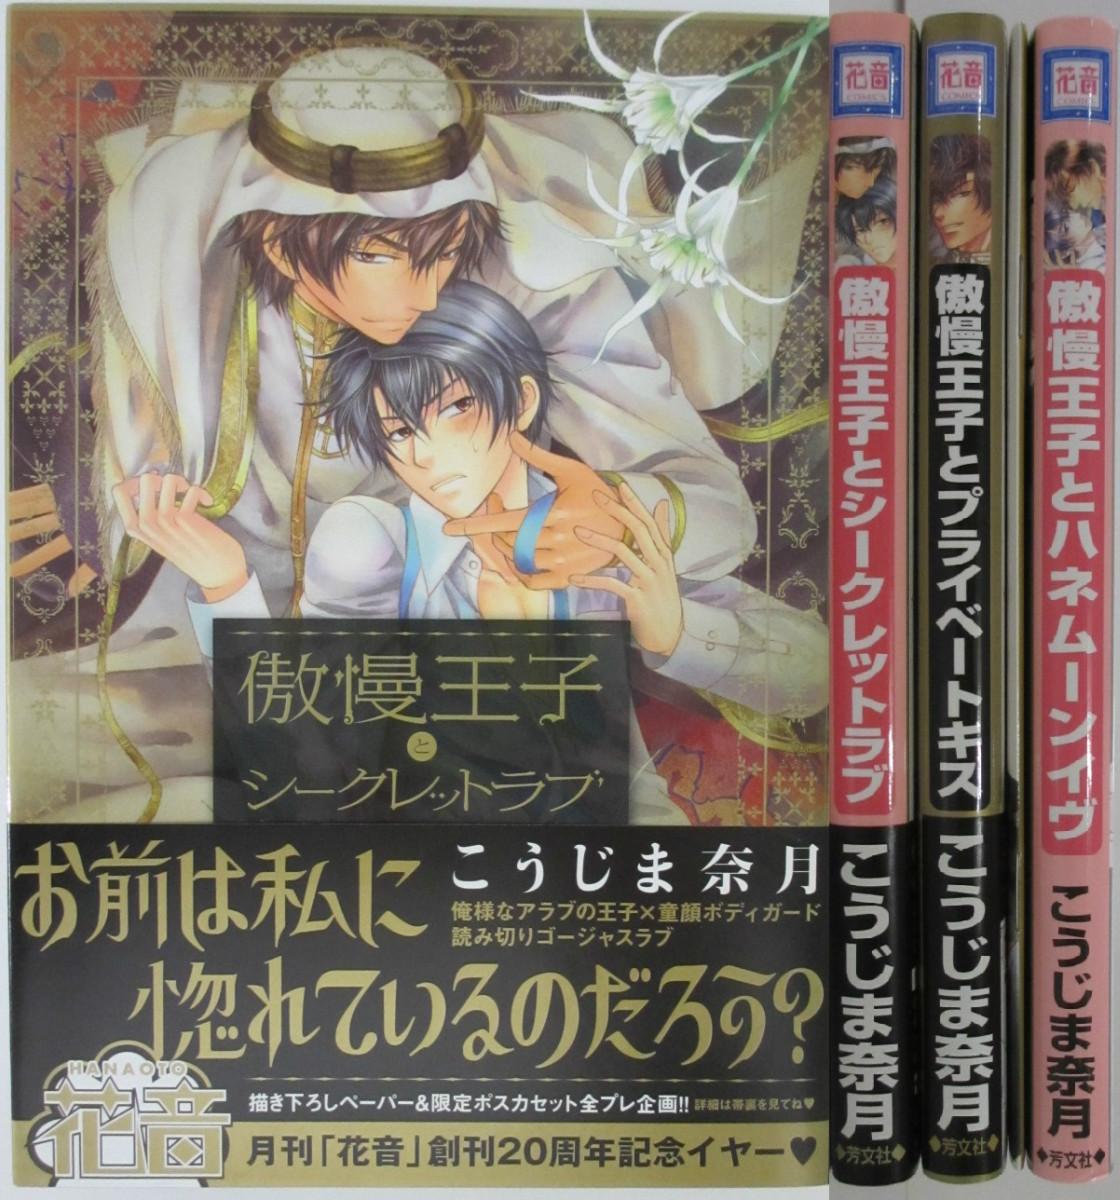 トラスト 中古コミック こうじま奈月 傲慢王子シリーズ 1-3巻 全巻セット 品質保証